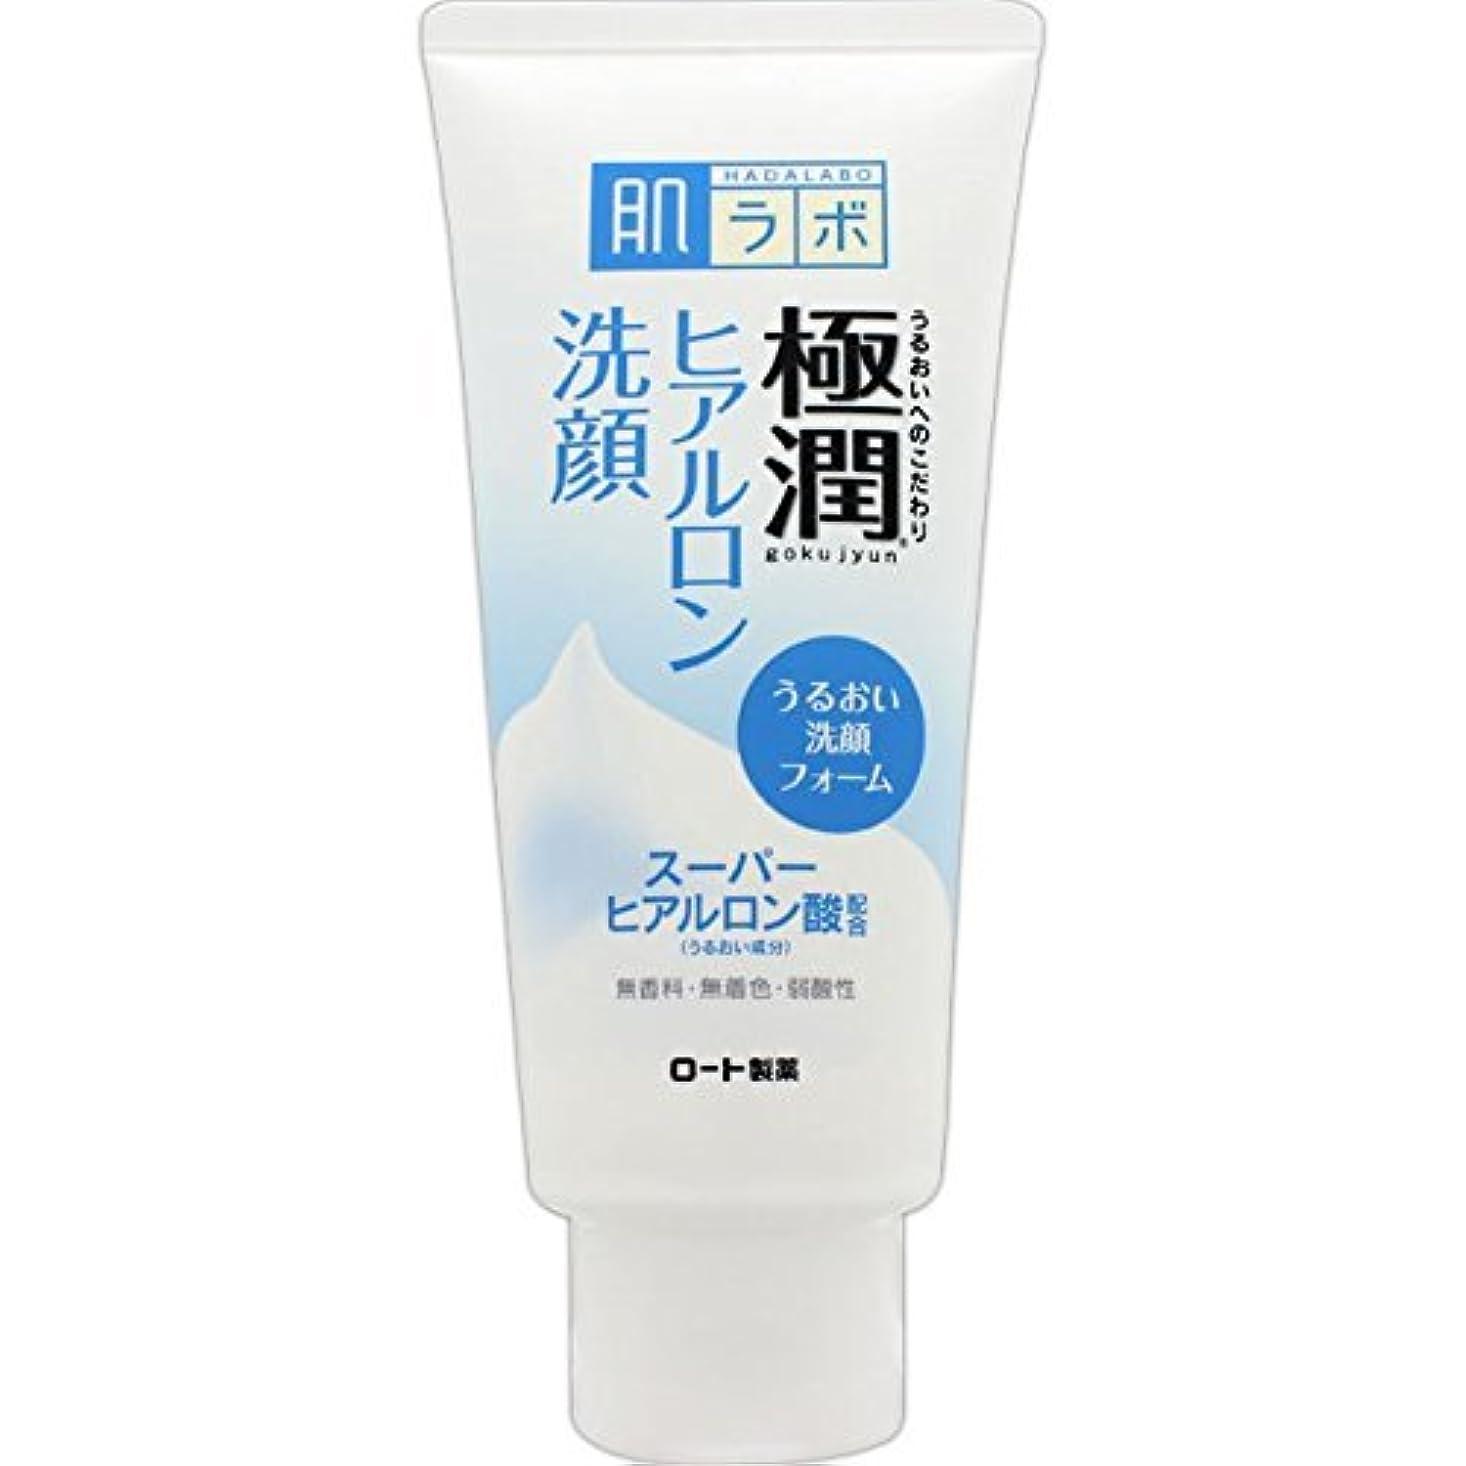 発動機品揃え溶岩肌ラボ 極潤 ヒアルロン洗顔フォーム 100g